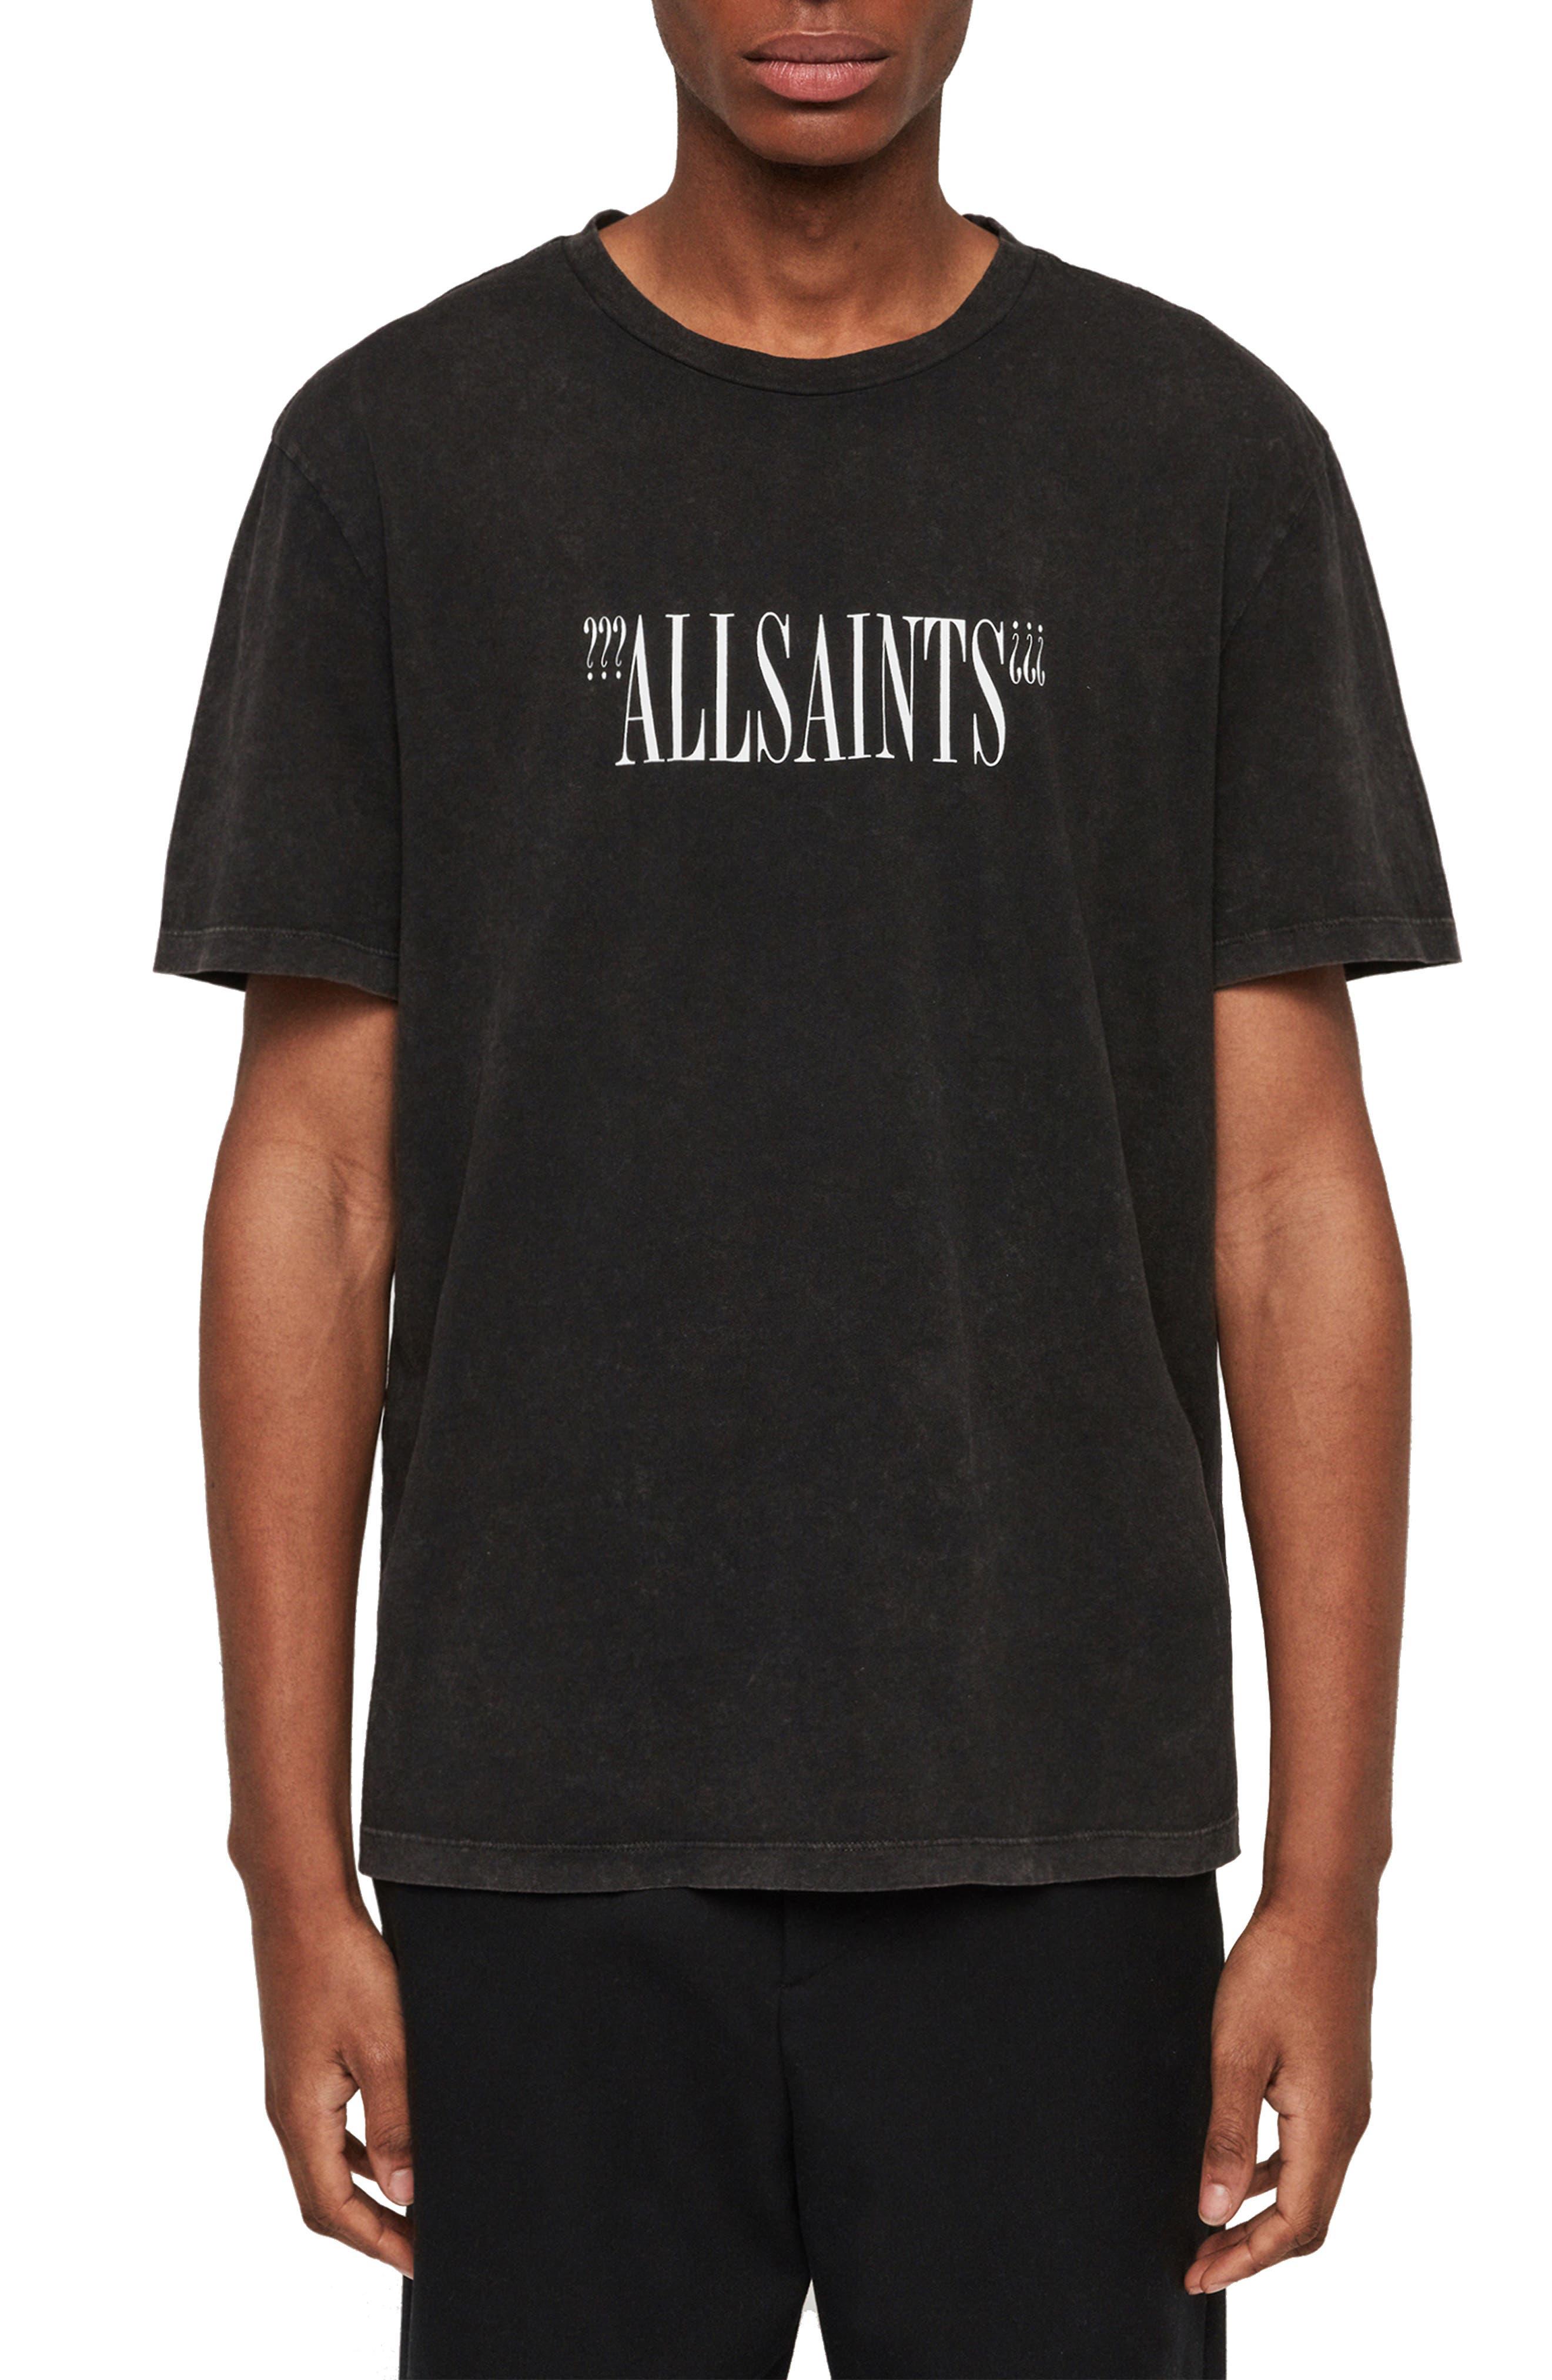 ALLSAINTS, Brackets Classic Fit Crewneck T-Shirt, Main thumbnail 1, color, ACID WASHED BLACK